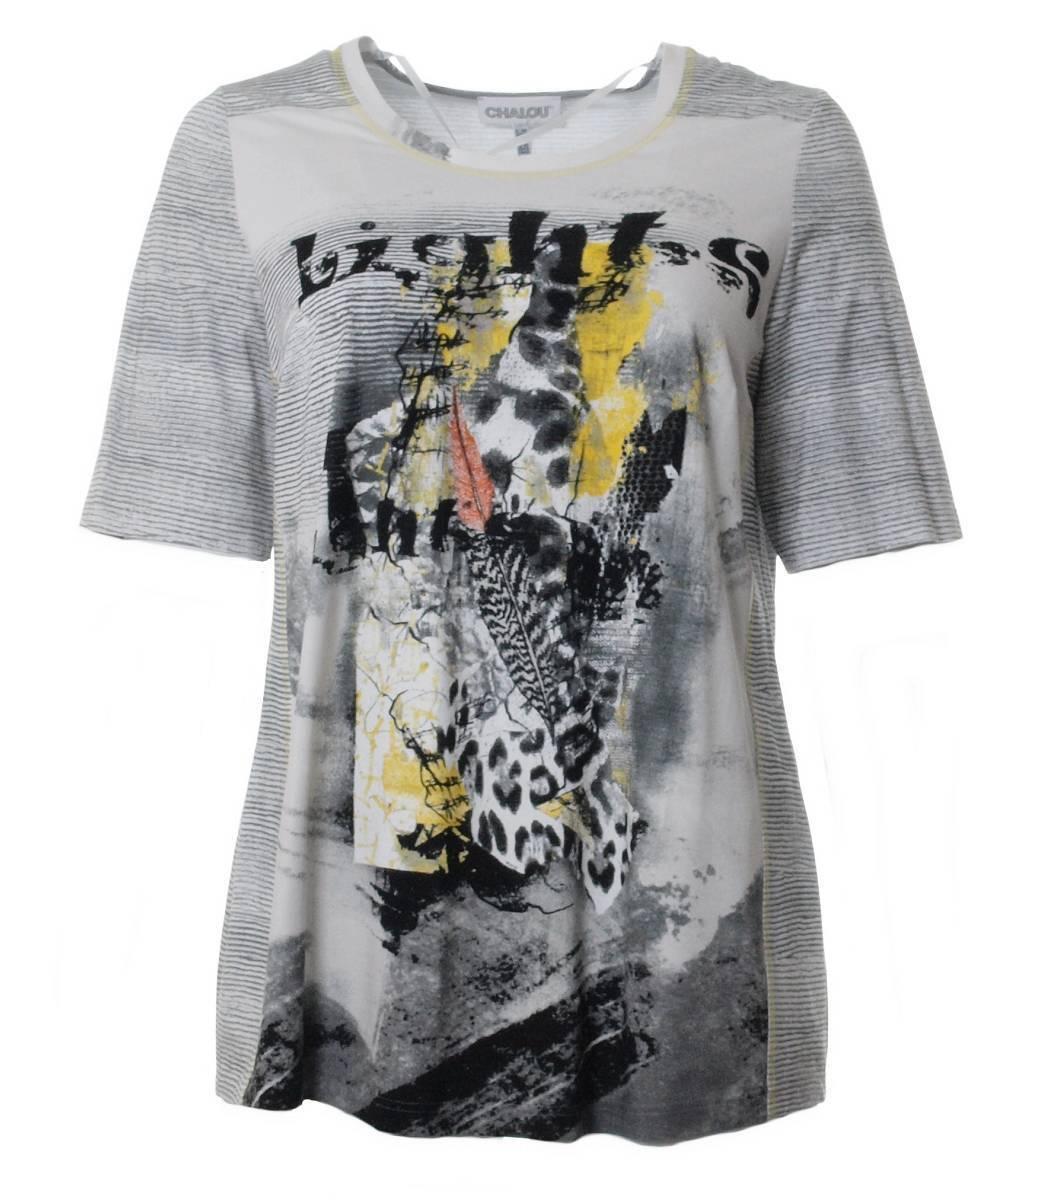 Chalou Mode Damen T-Shirt Gelb Grau große Größen 46 48 50 52 54 56 58 60